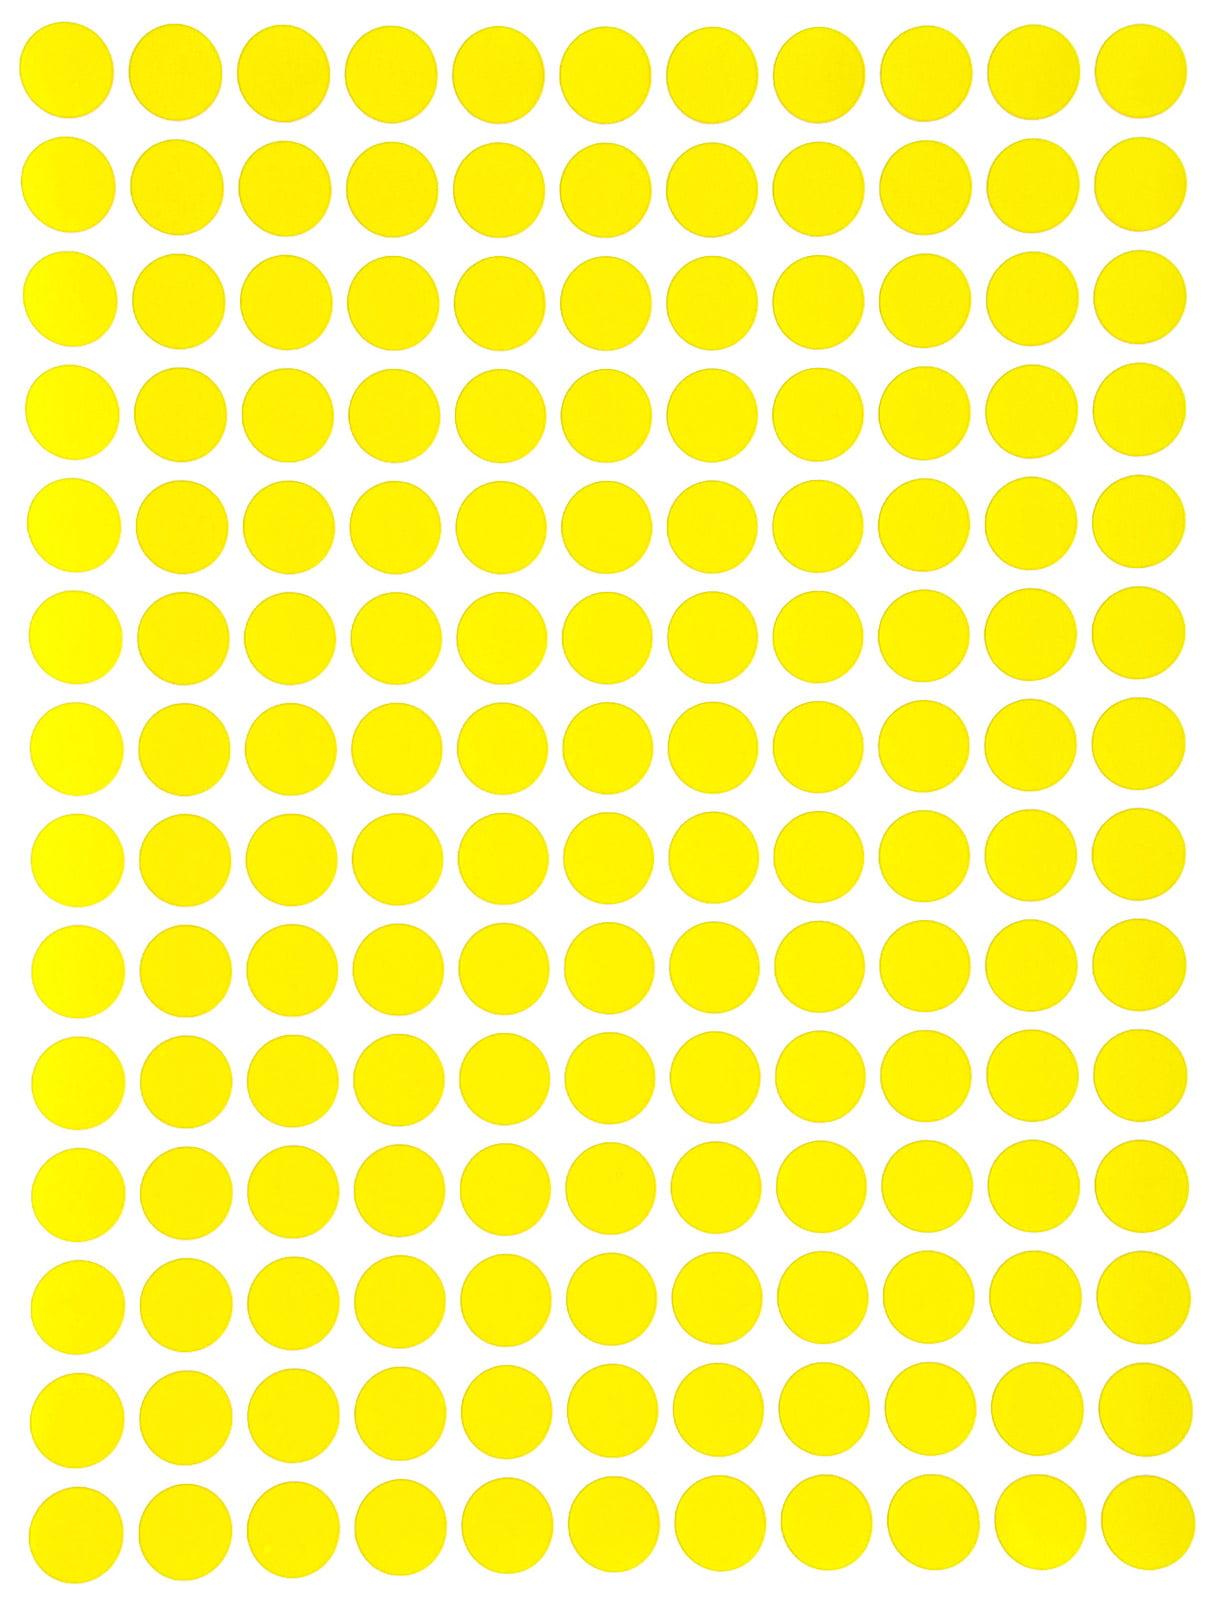 GOCDLJ Huawei P20 PRO Custodia Copertura di Ccuoio Cover in PU Sintetica Pelle Guscio Caso Shell Cases Insiemi di Telefono Silicone Case Disegno Coppia Dente di Leone